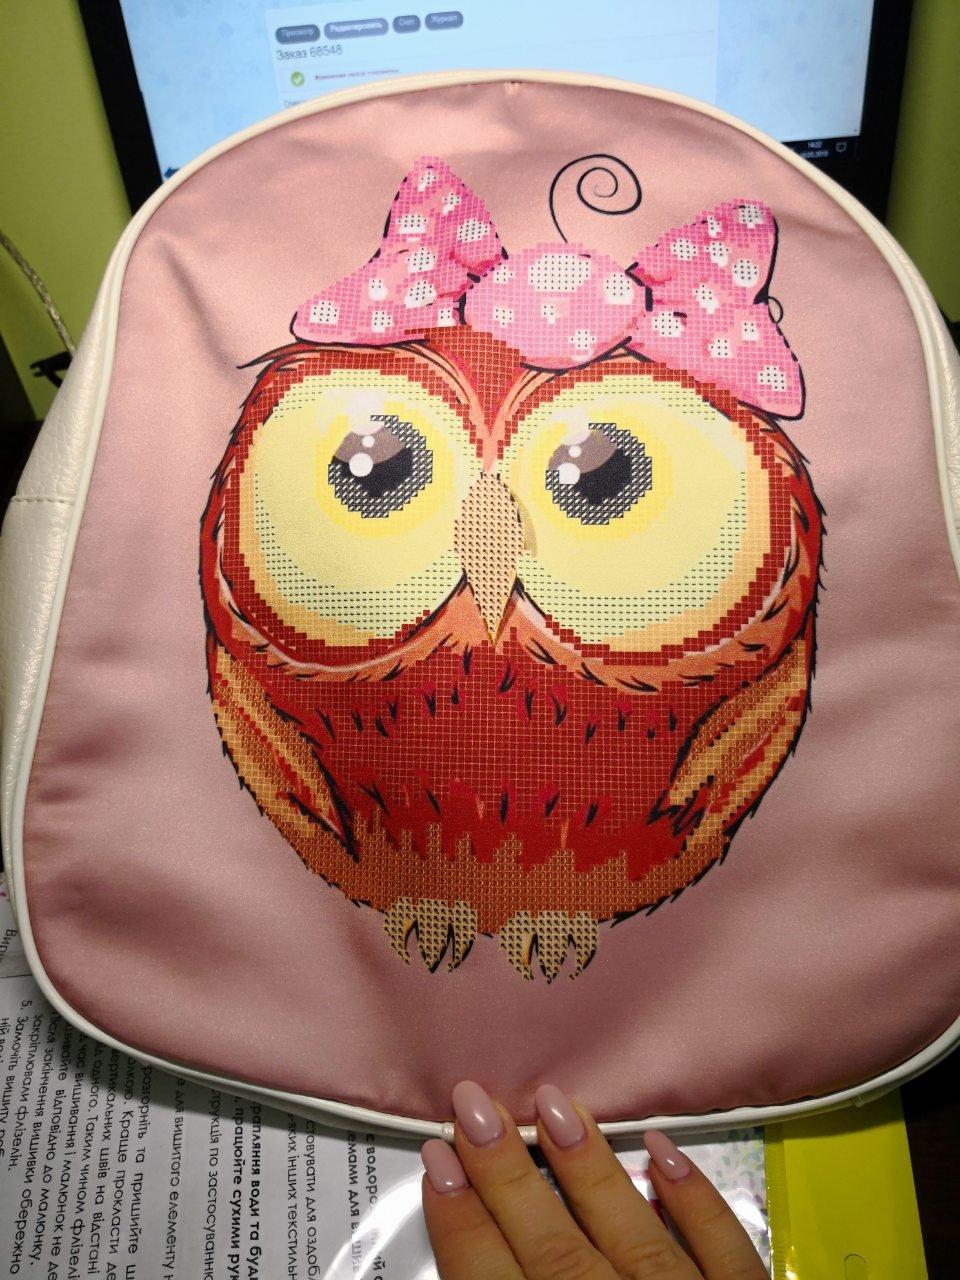 Иголочка интернет-магазин (igolochka.com.ua) - Вот такую сову я вышила на сумочке дочери